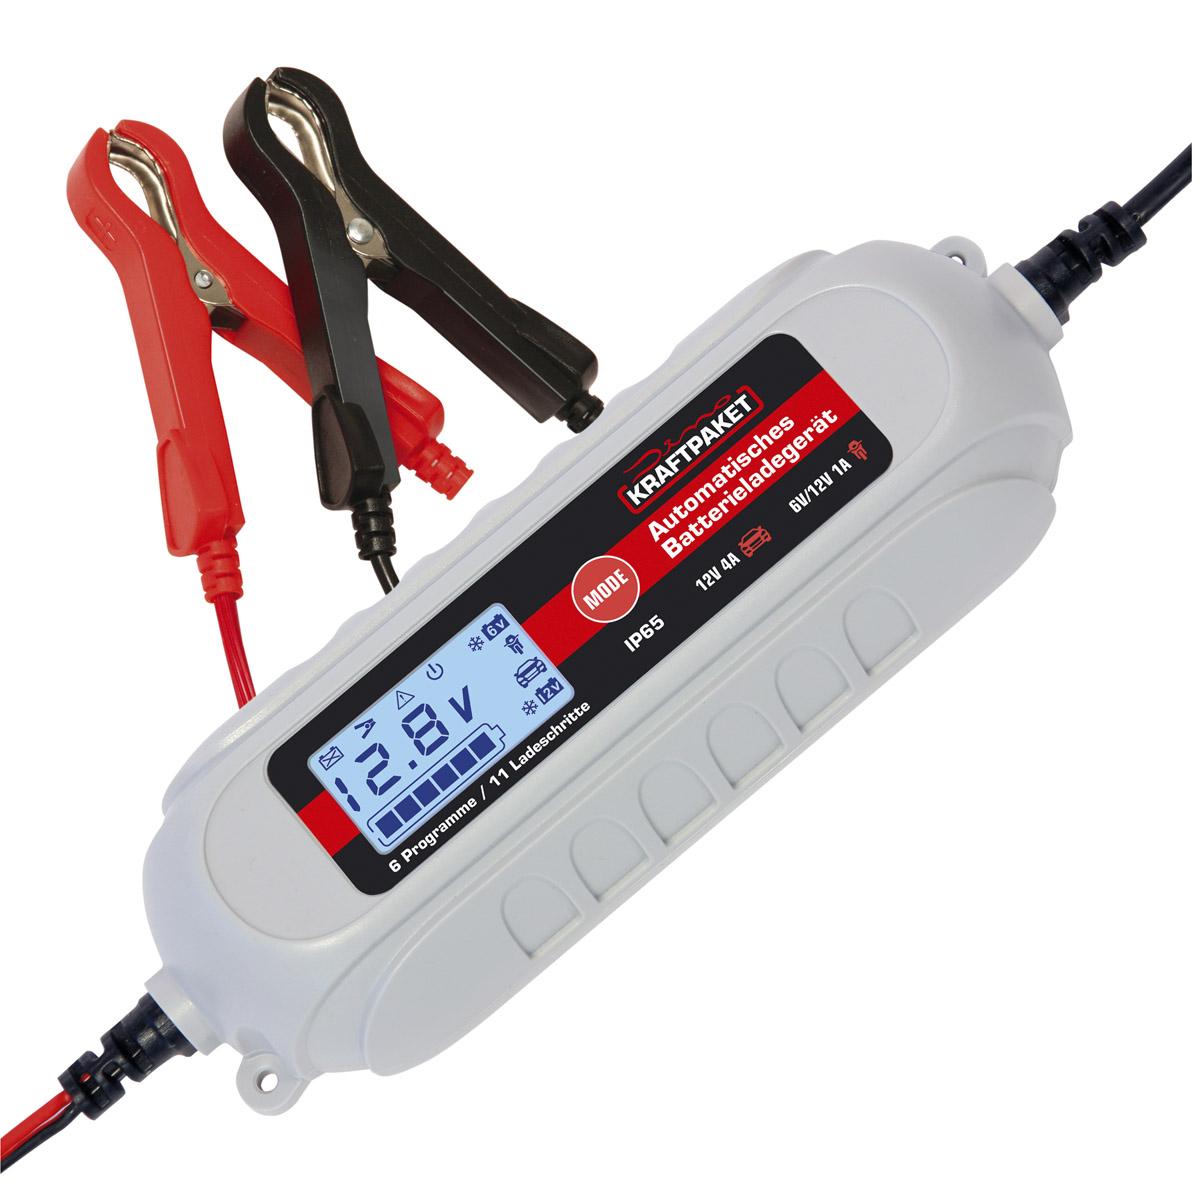 Dino Kraftpaket Batterieladegerät 6V/12V-4A Erhaltungsladerät mit Batterietester